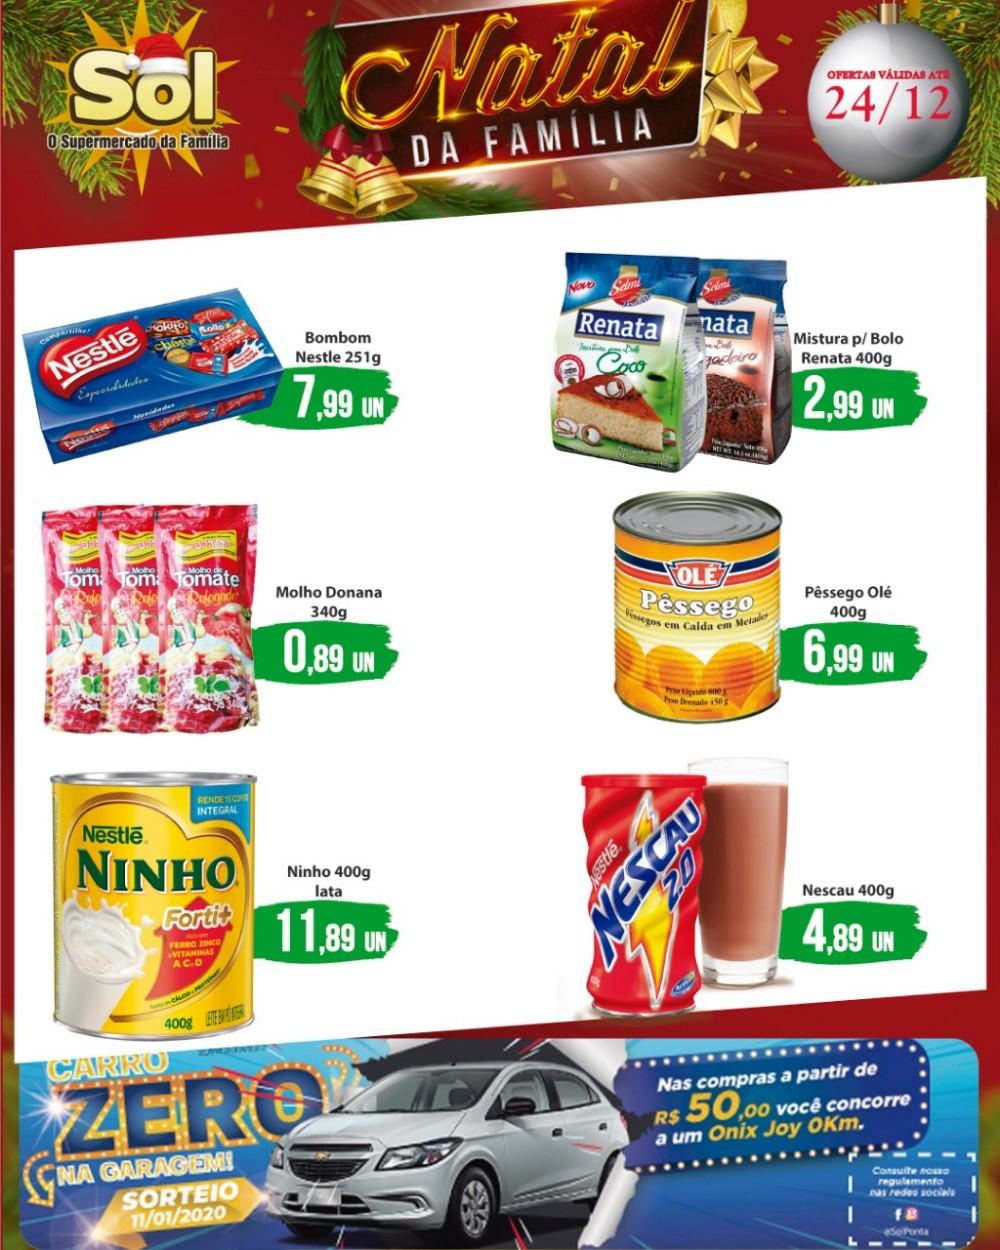 Supermercado Sol com suas promoçoes da Sexta da Carne